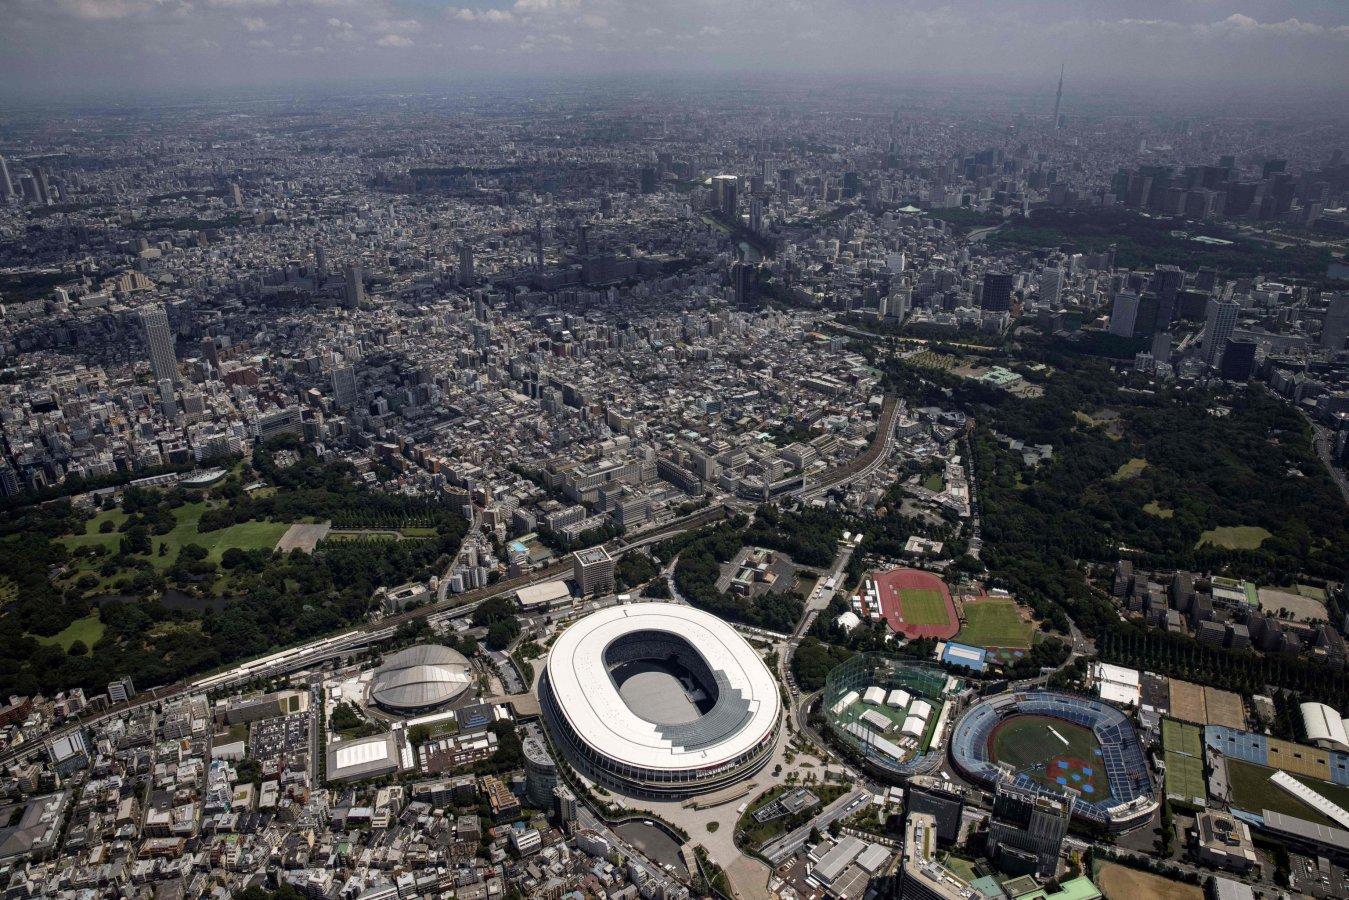 Olimpiadi Tokyo Day 3, Diretta Gare Lunedi 26 Luglio (Discovery+ e Rai2)